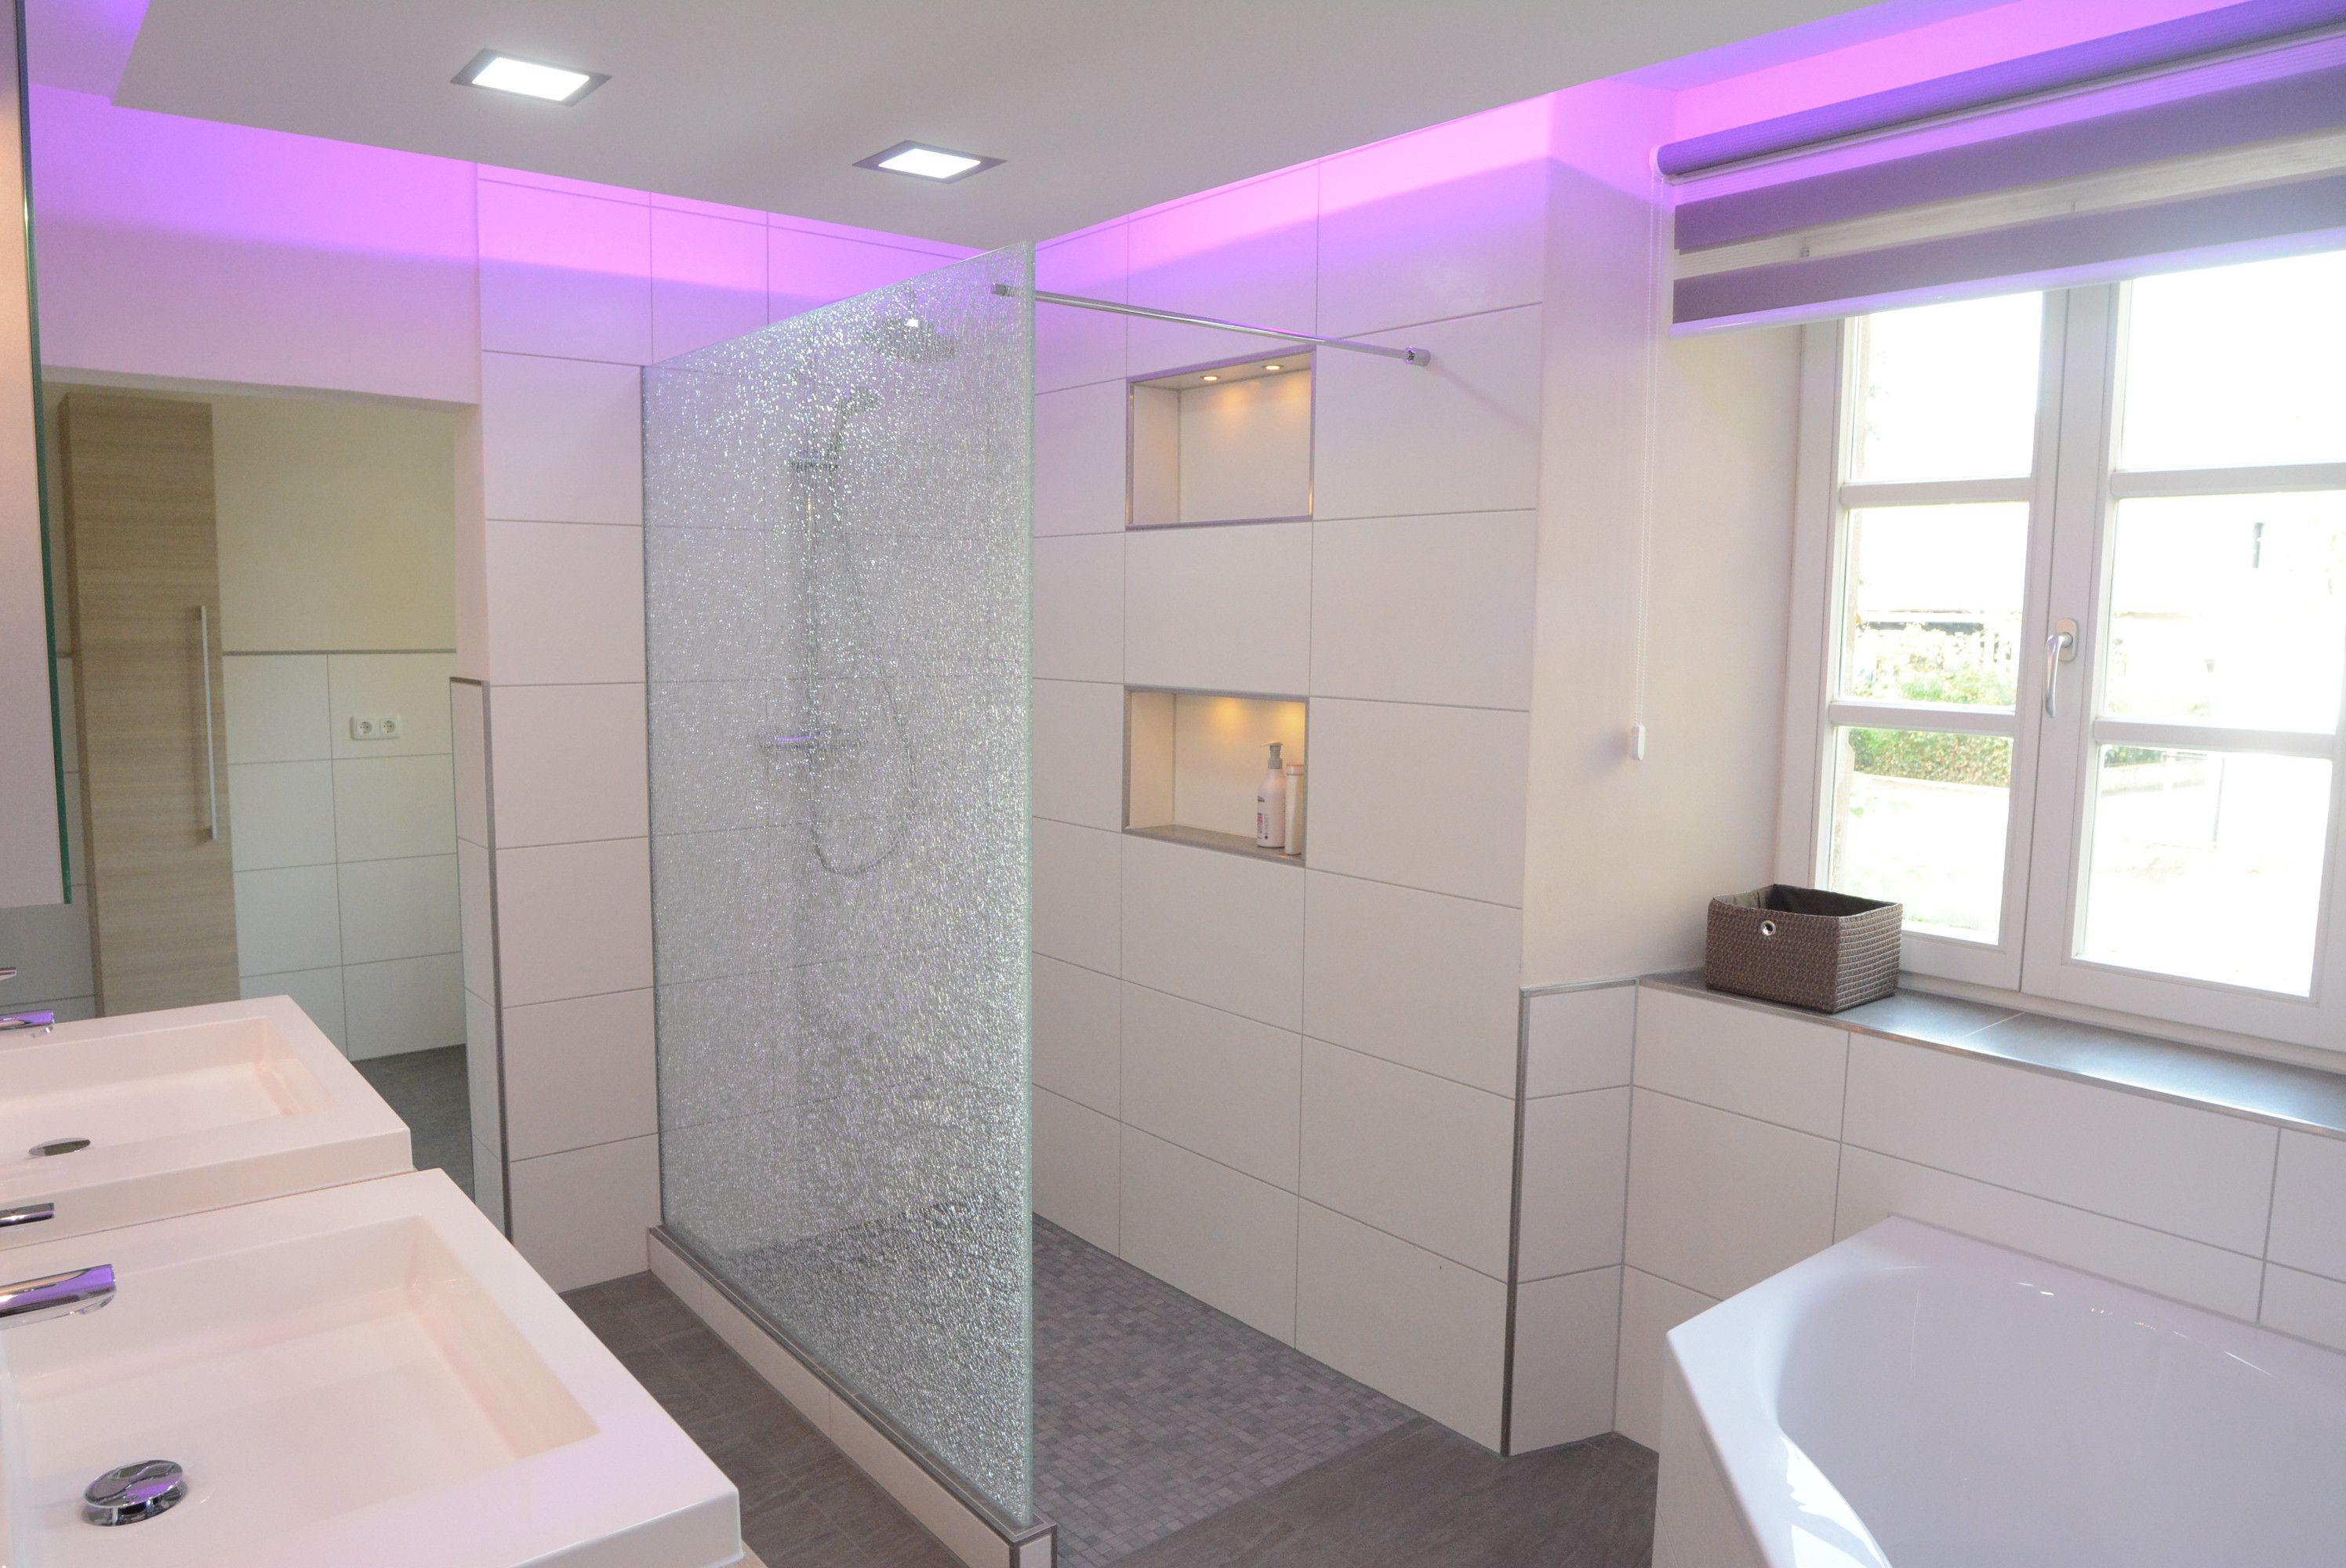 dusch ablage licht google suche bathroom pinterest ablage duschen und lichtlein. Black Bedroom Furniture Sets. Home Design Ideas